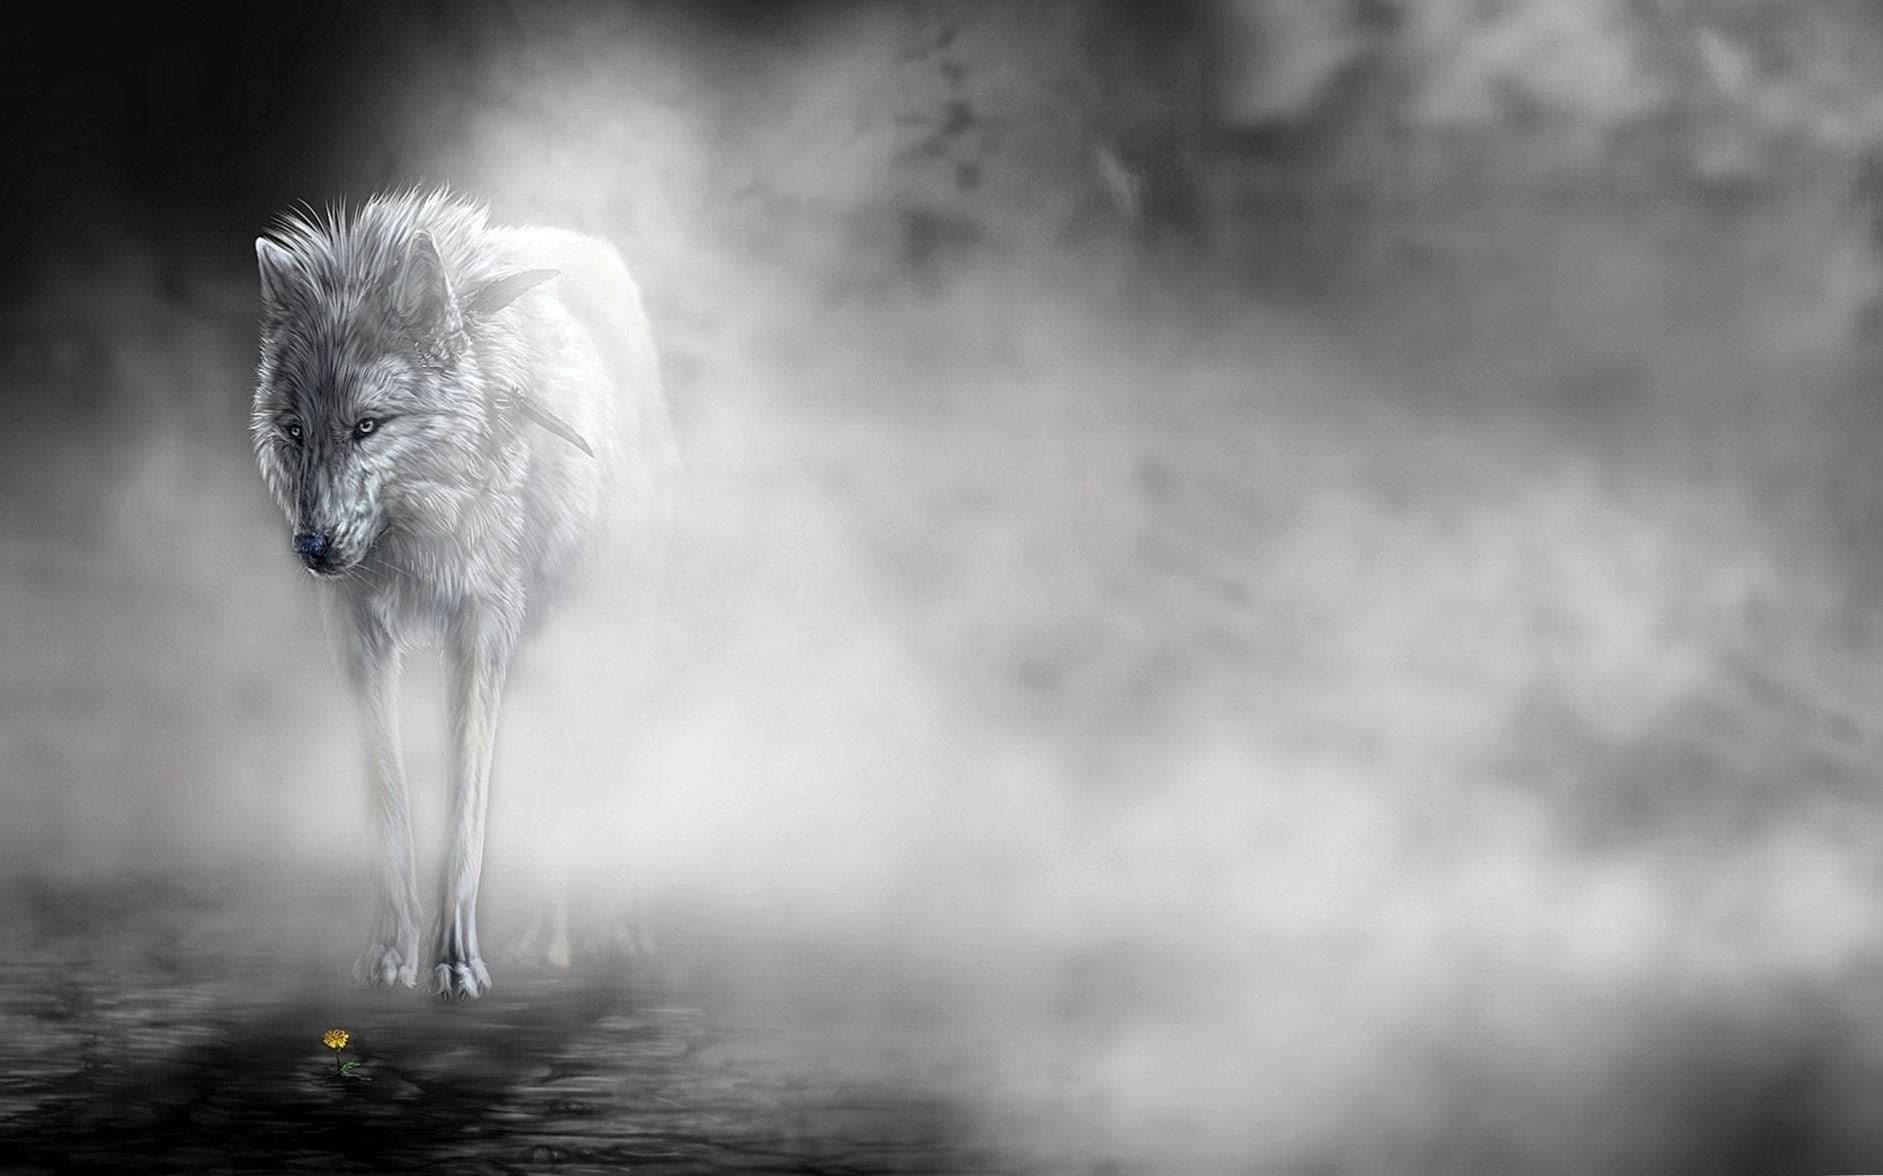 Fog Wolf Wallpaper